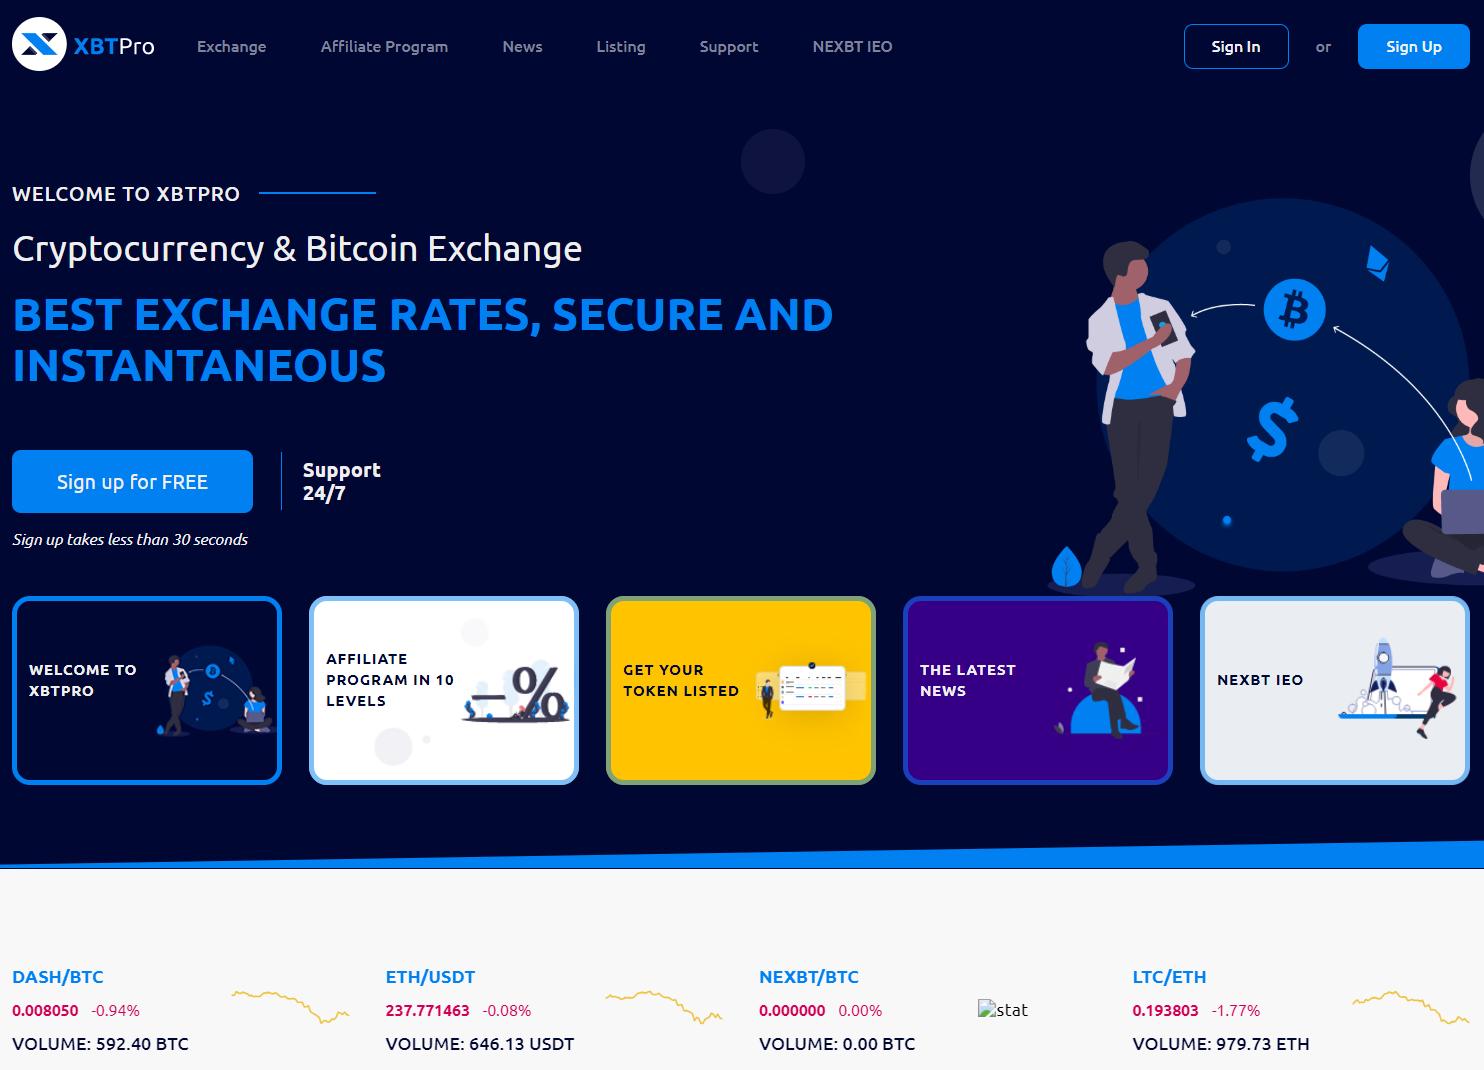 XBTPRO exchange